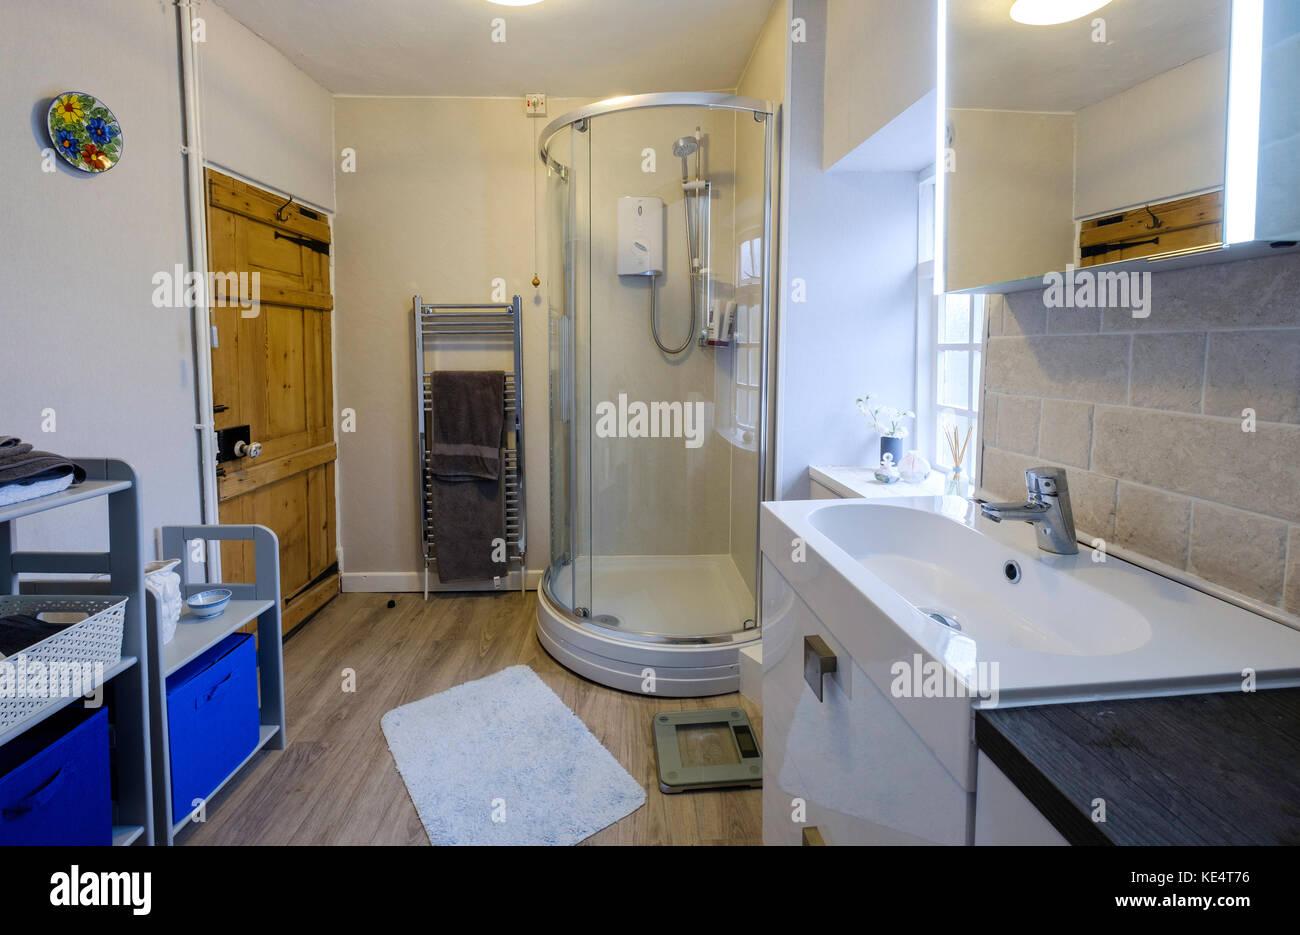 Neues Badezimmer Stockfotos & Neues Badezimmer Bilder - Alamy